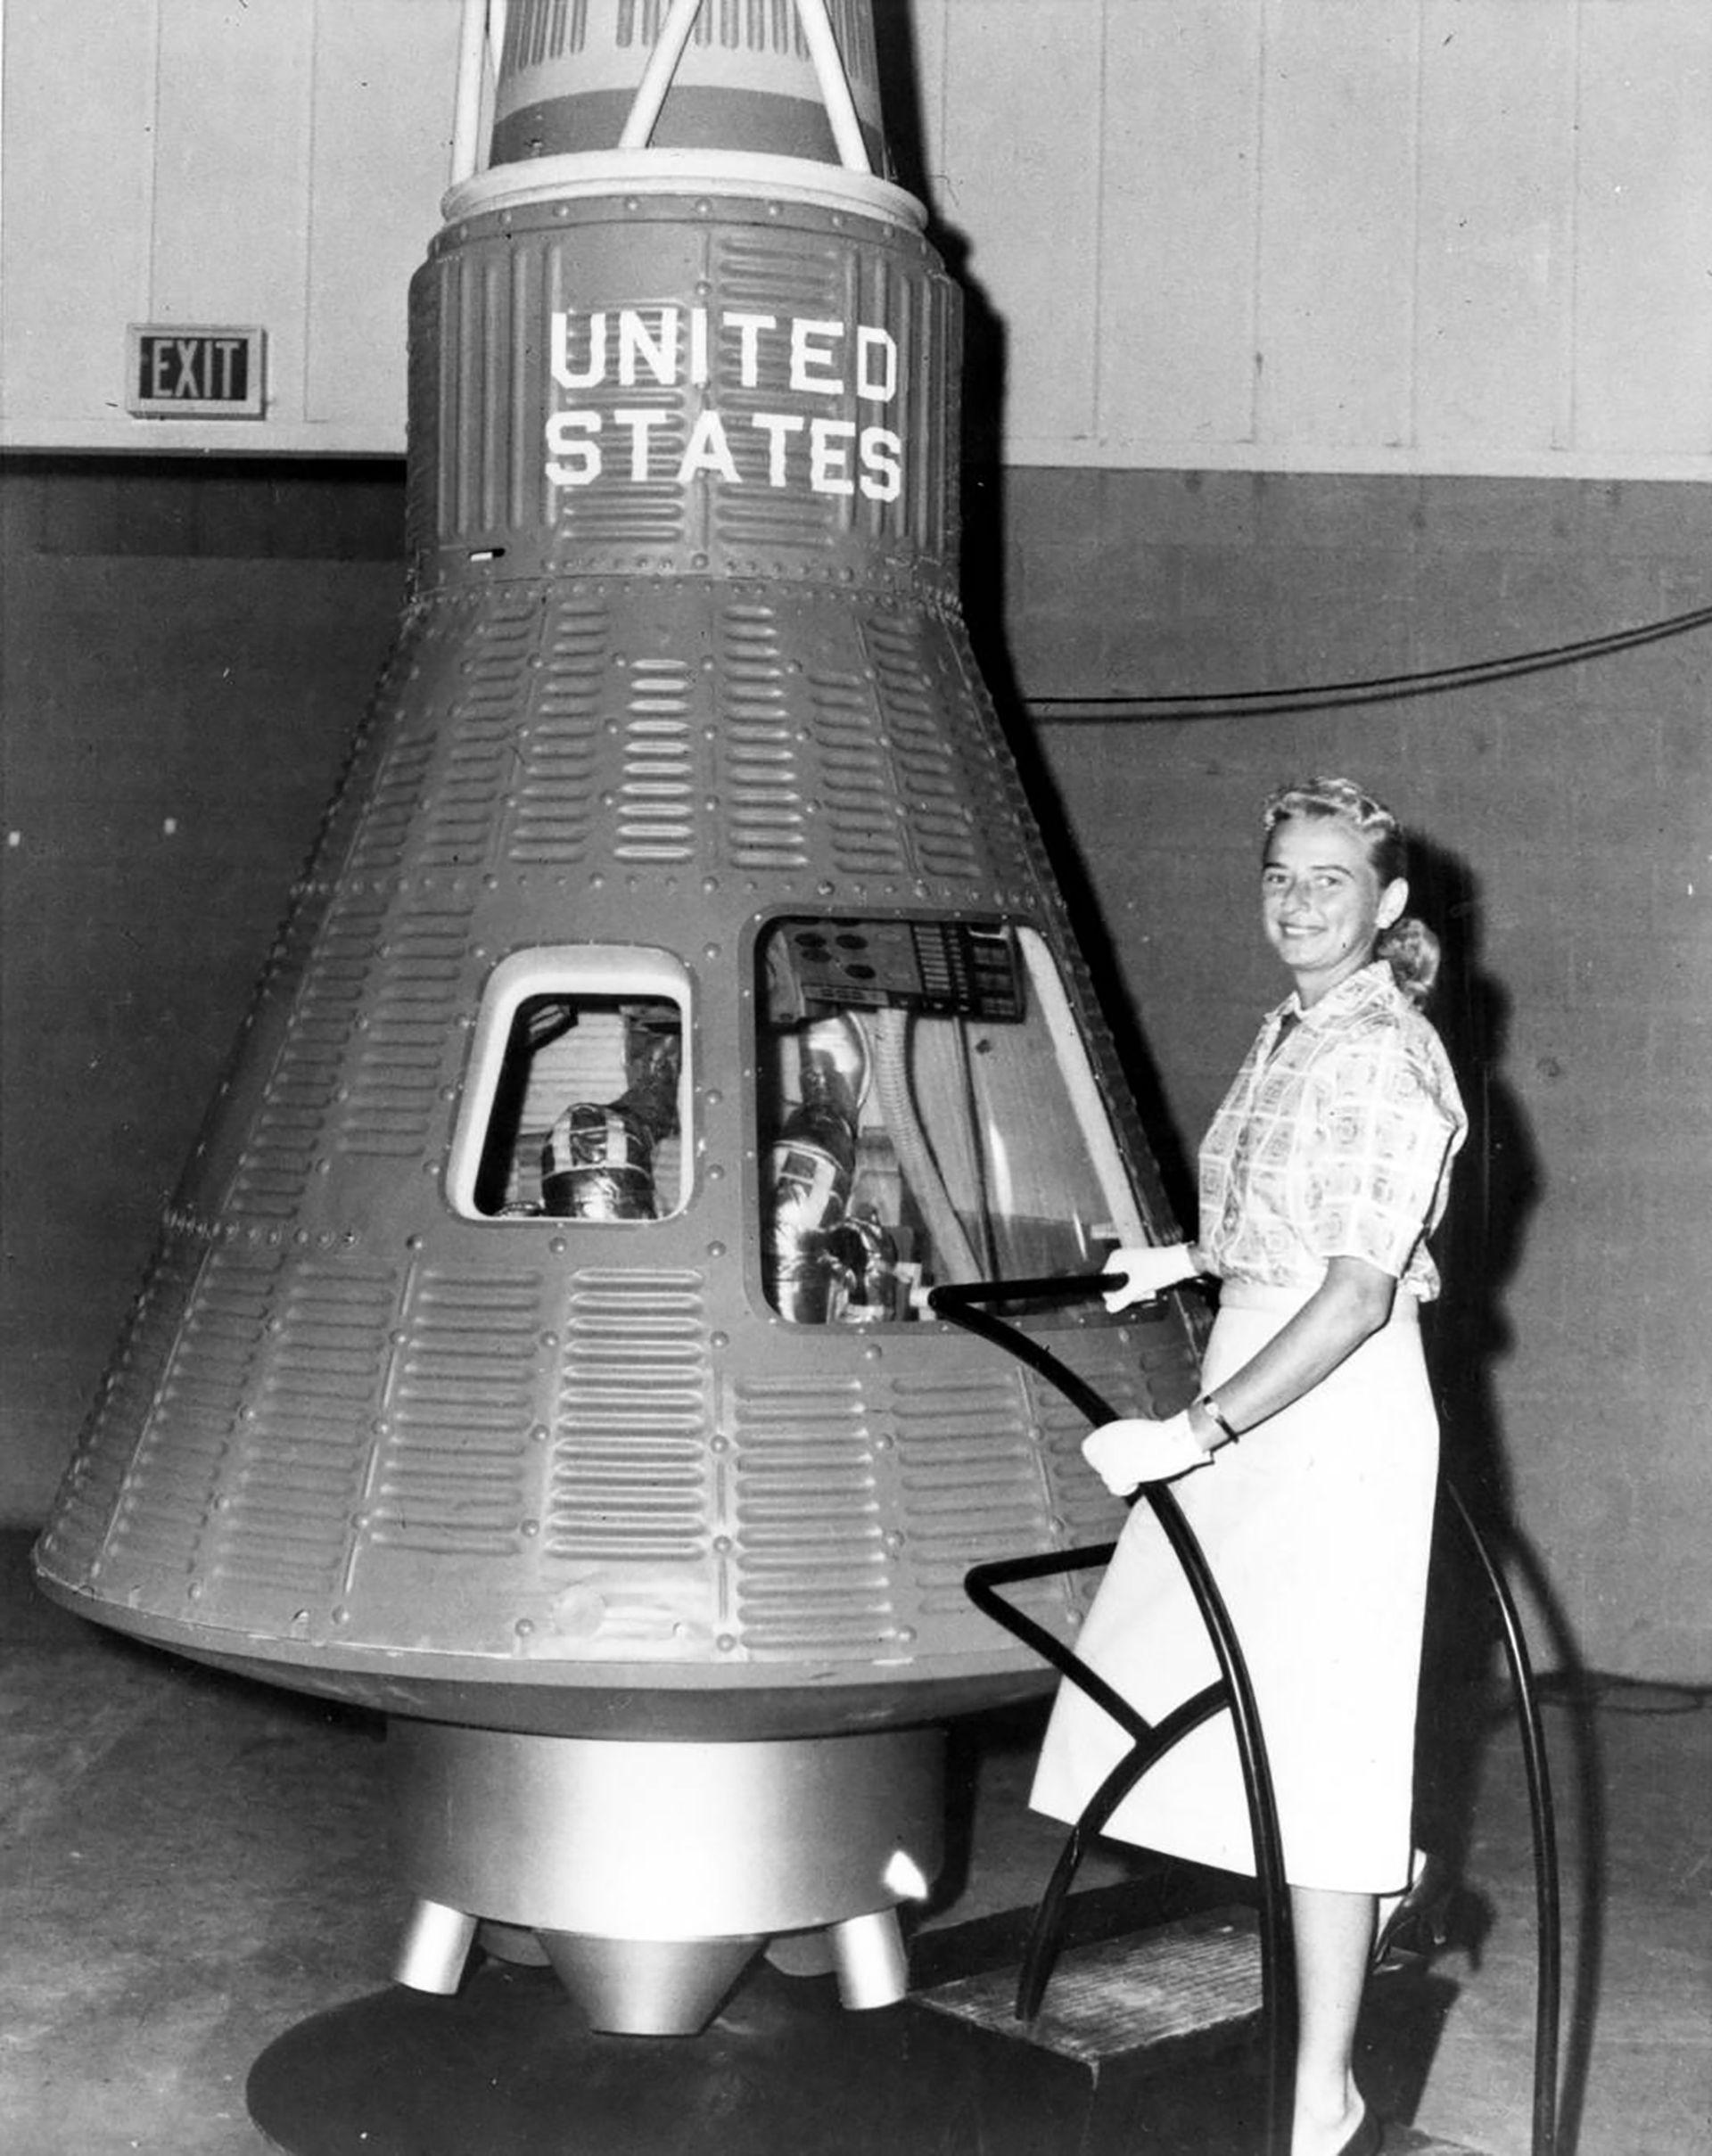 En 1960 el doctor Lovelace decidió estudiar en su clínica privada a Jerrie Cobb, una piloto de 30 años que se encontraba entre las mejores de su país. Los resultados de Cobb fueron sorprendentes. En muchos de los rubros superiores a los de los hombres (NASA)